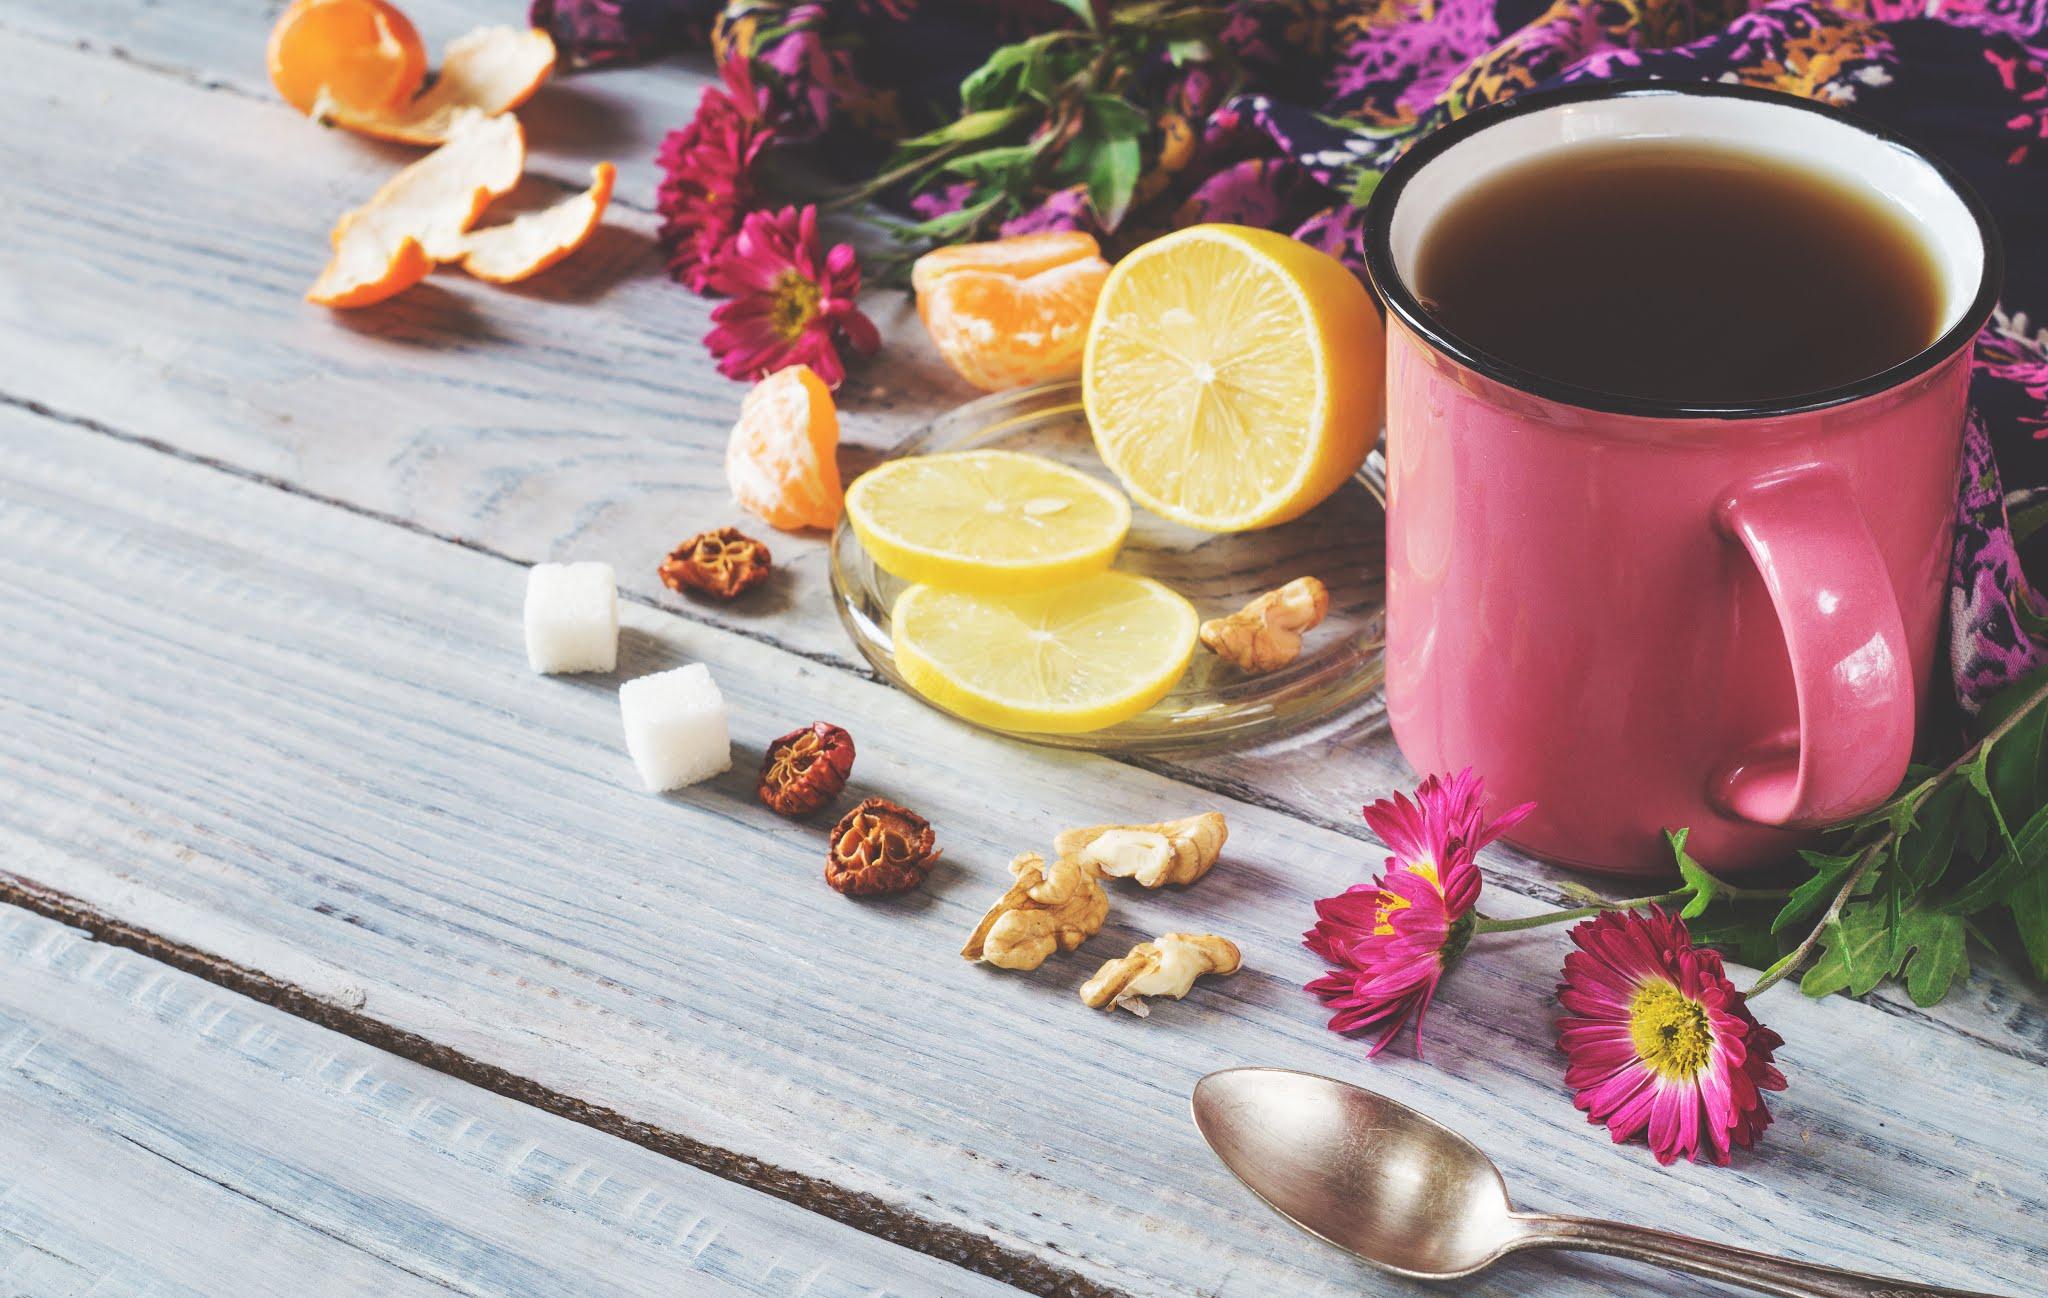 herbata czarna właściwości